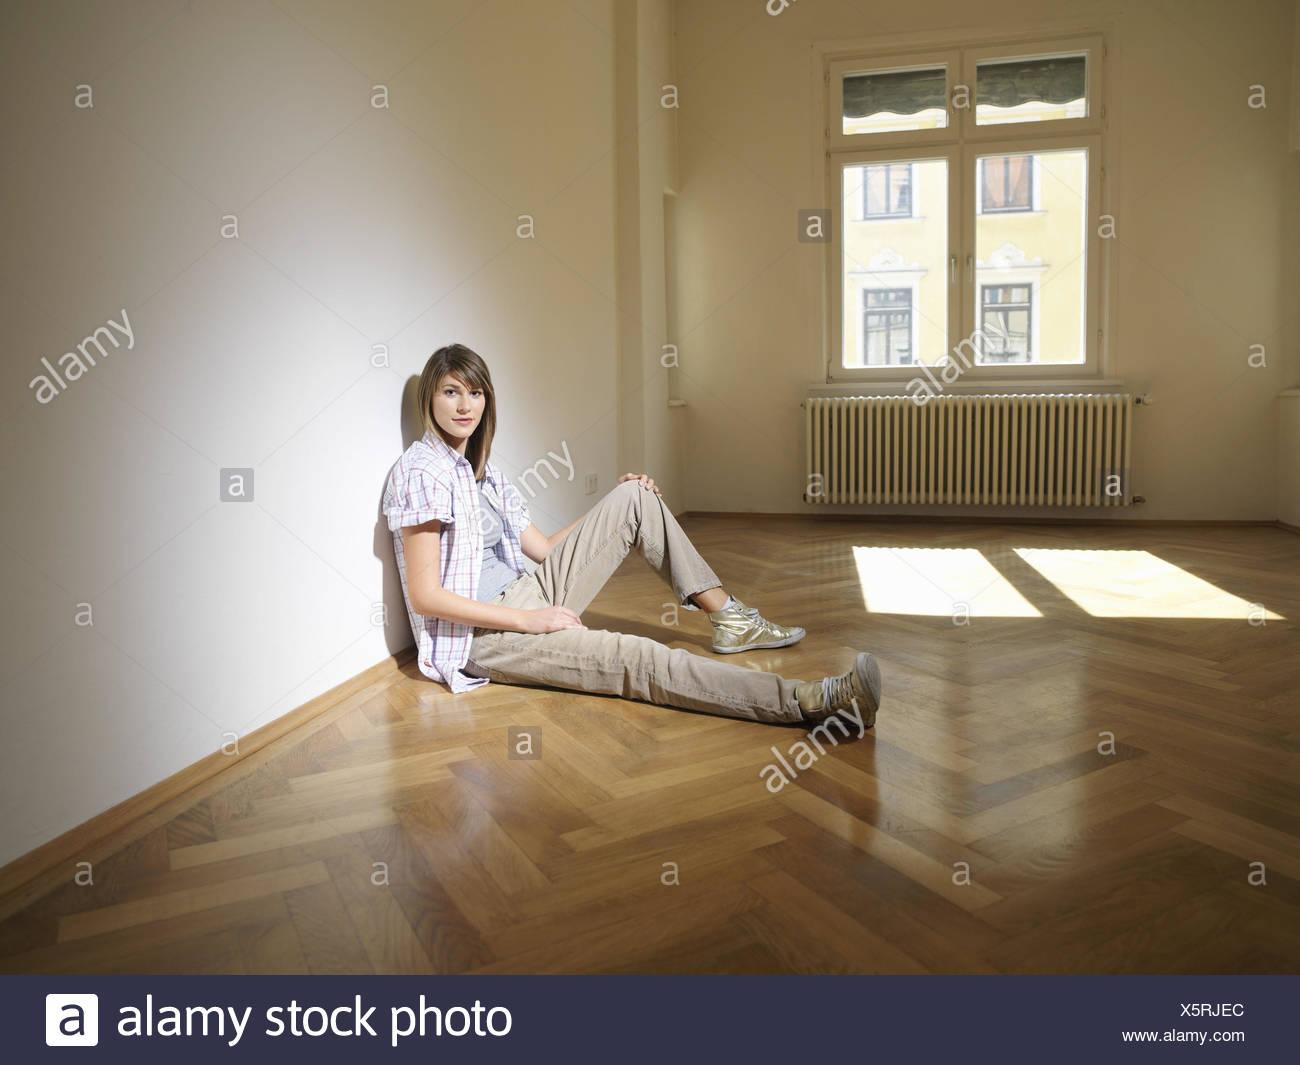 Zimmer Sit Leer Frau Junge Etage Wohnung Zimmer Prozession